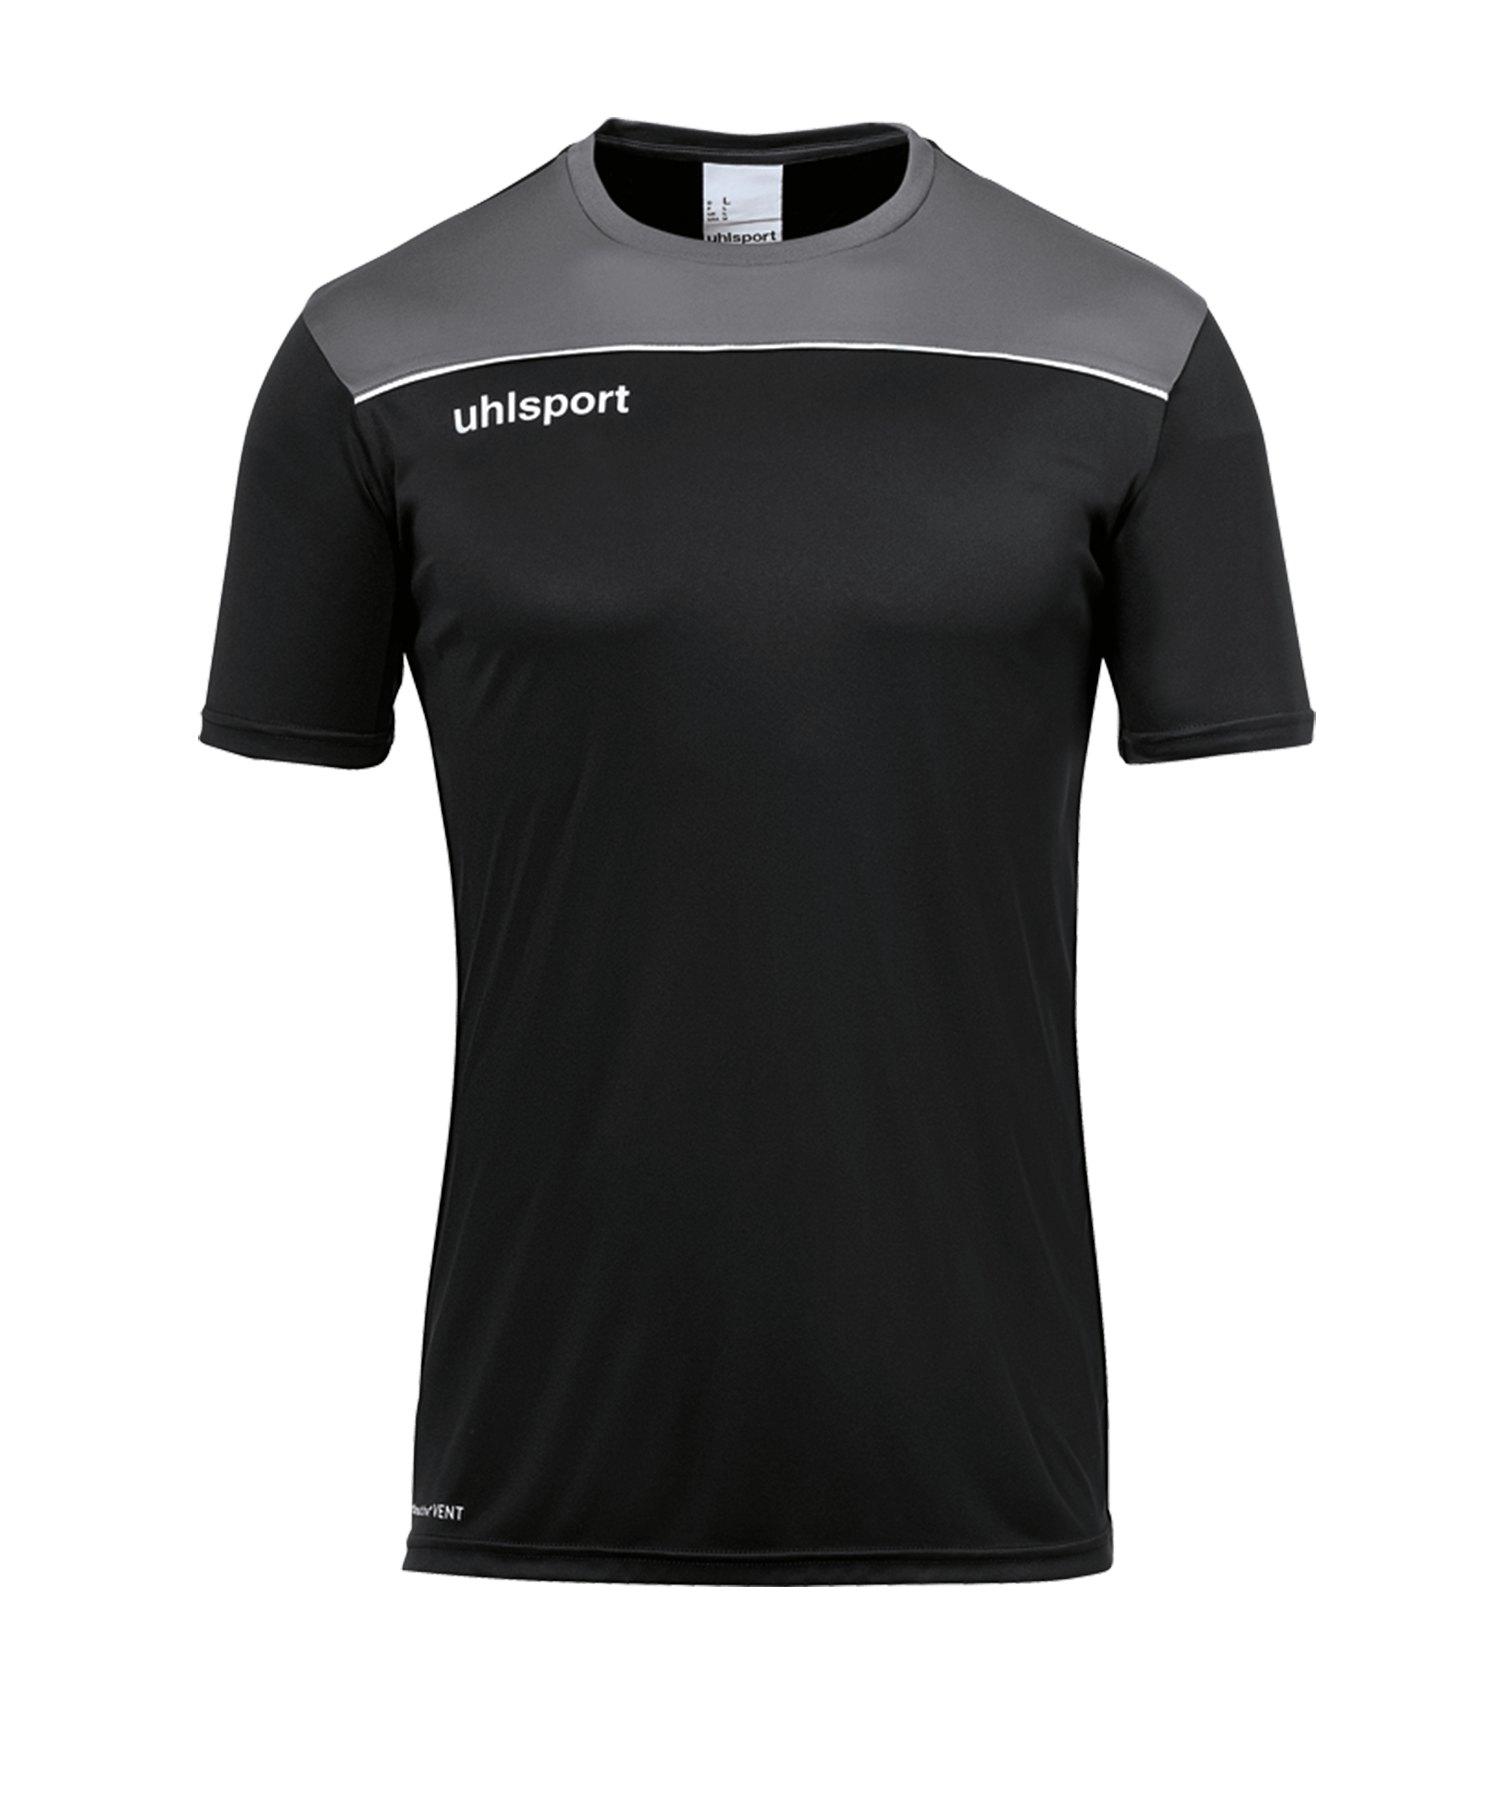 Uhlsport Offense 23 Trainingsshirt Schwarz F01 - schwarz